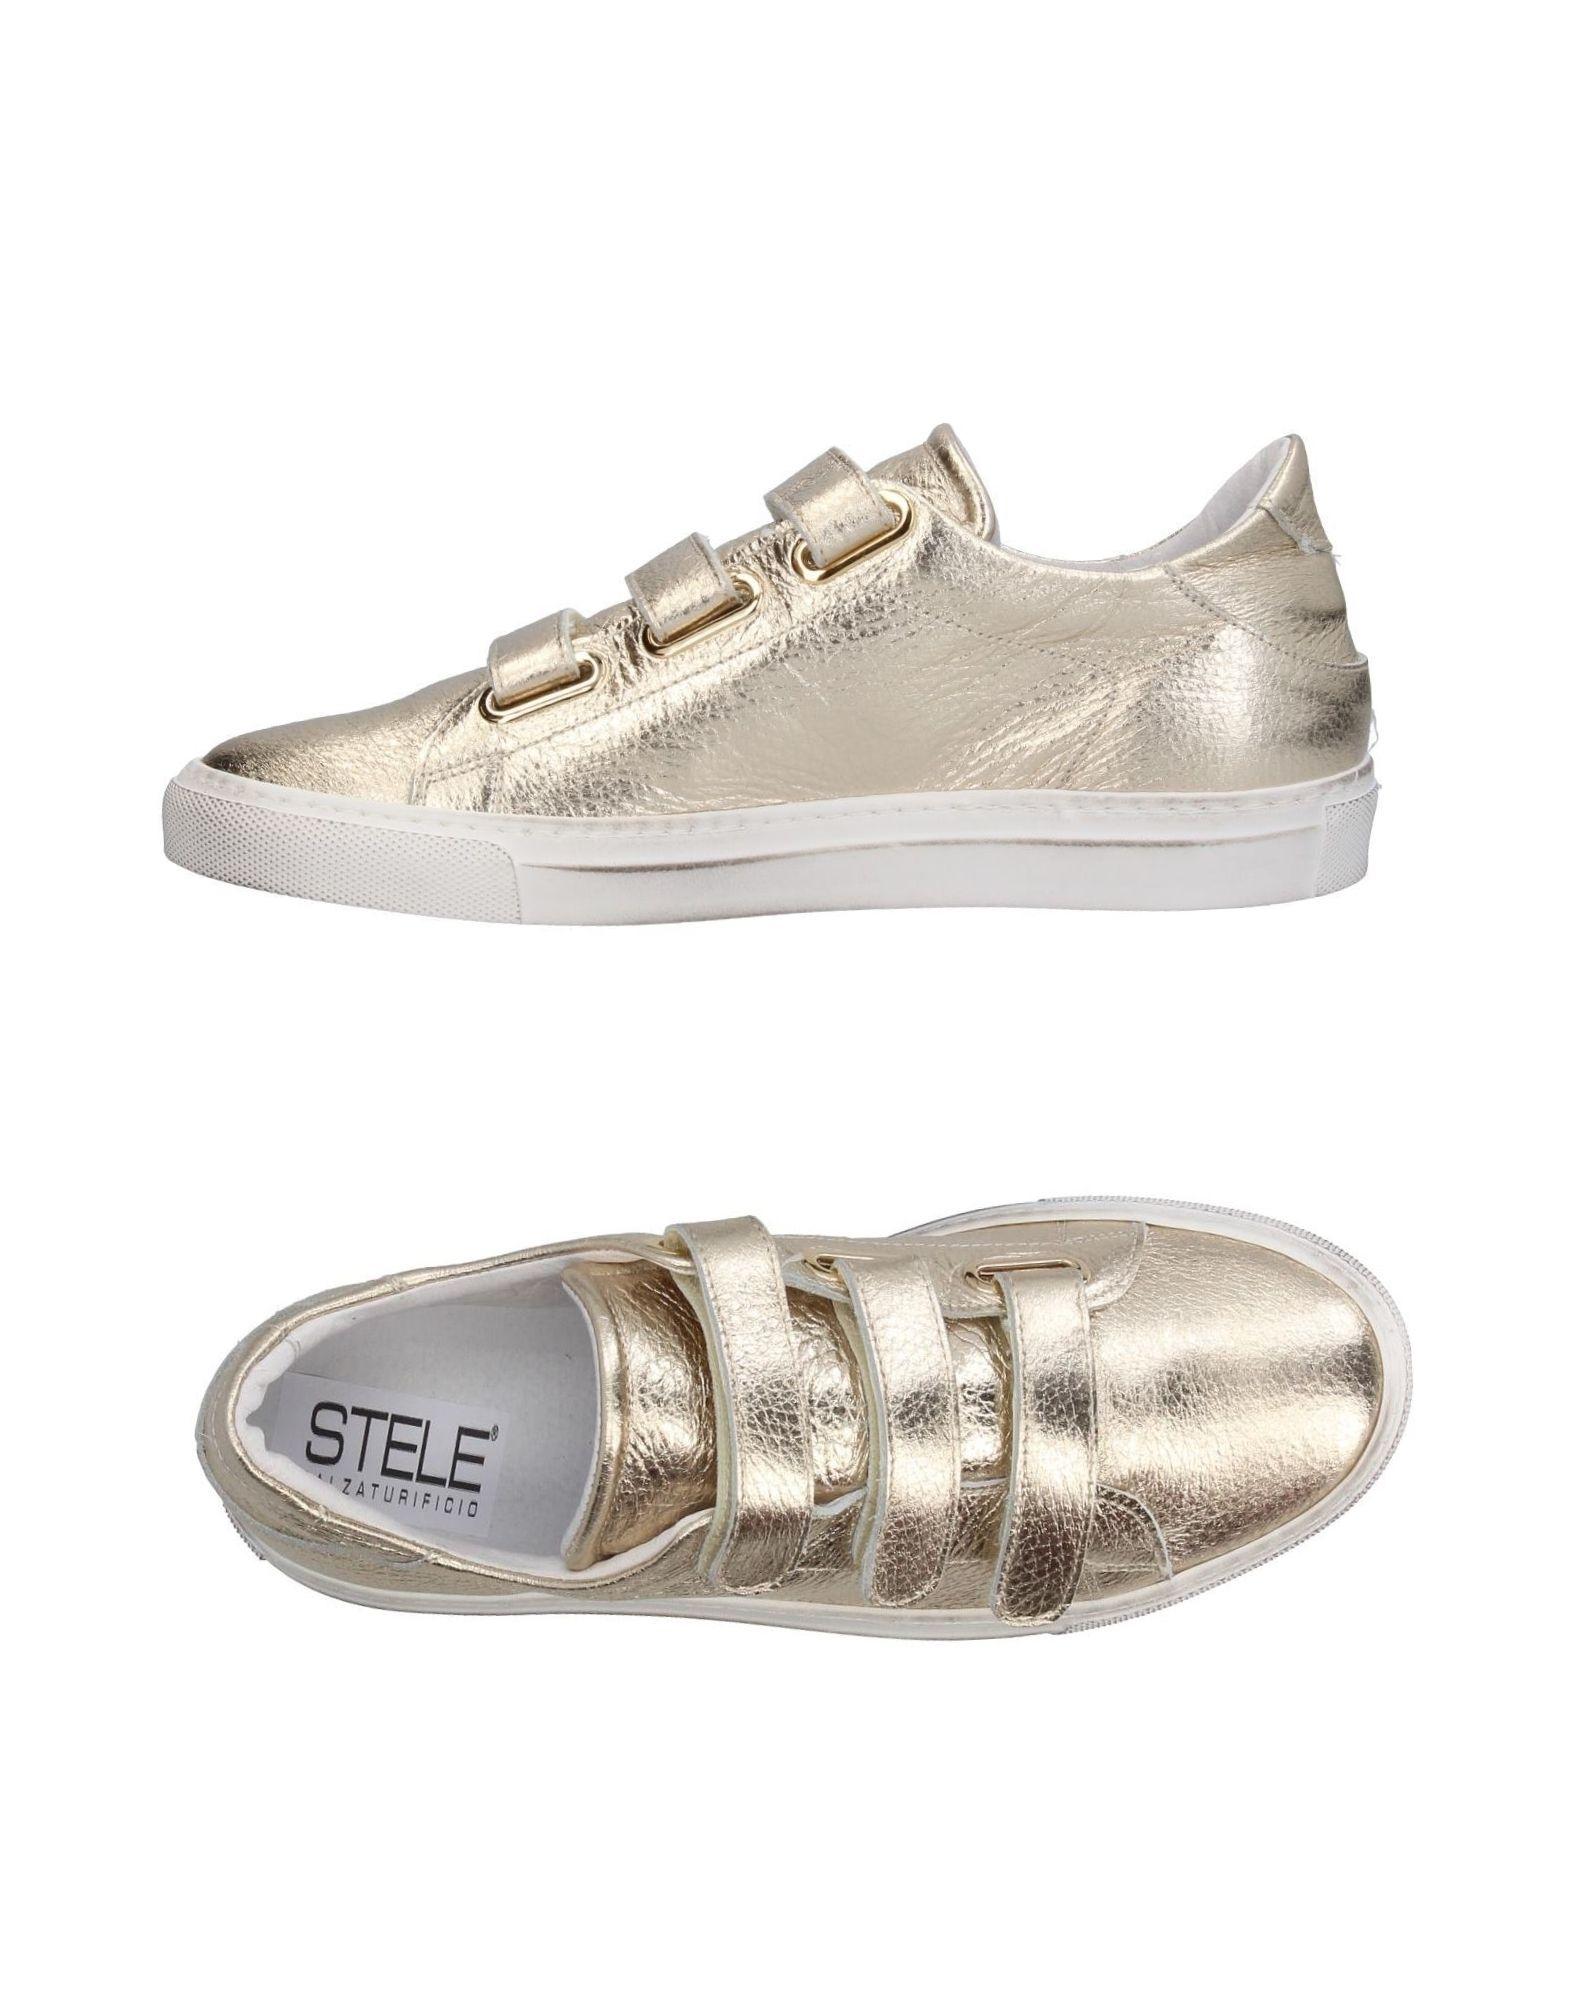 Stele Sneakers Damen  11376540BB Gute Qualität beliebte Schuhe